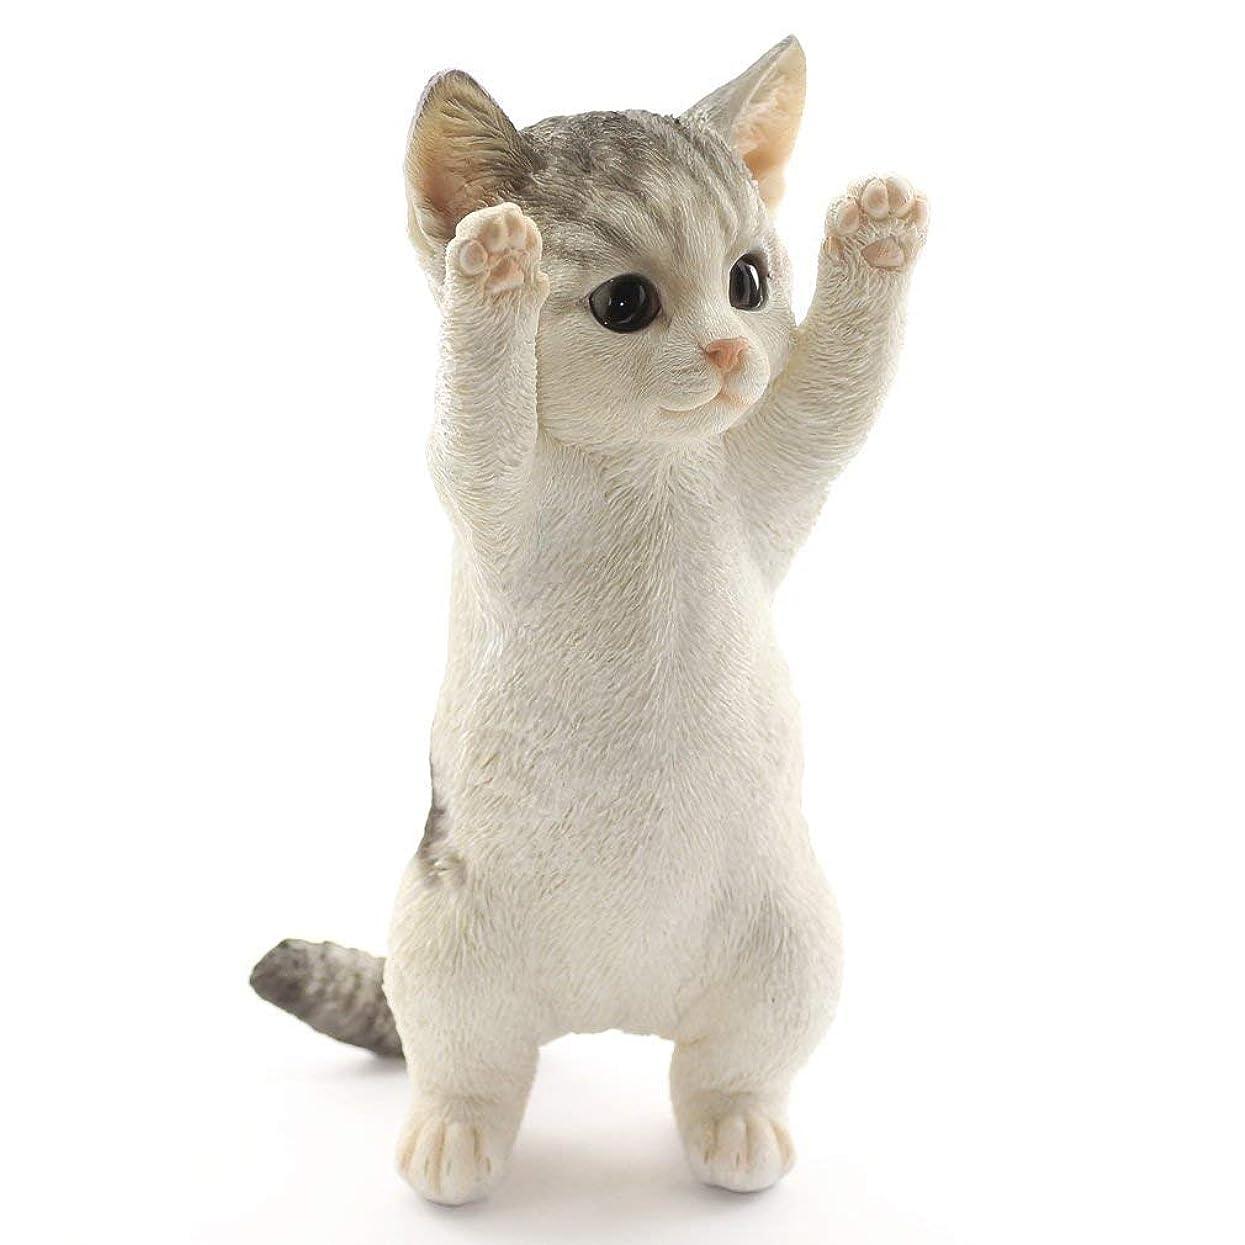 酸化するウィスキー暗記する[ファンシー] 誕生日プレゼント女性 人気 ネコ 猫 置物 インテリア ガーデニング ガーデンオーナメント 彼女 結婚記念日 転居 最適なプレゼントCa73(サバトラ)